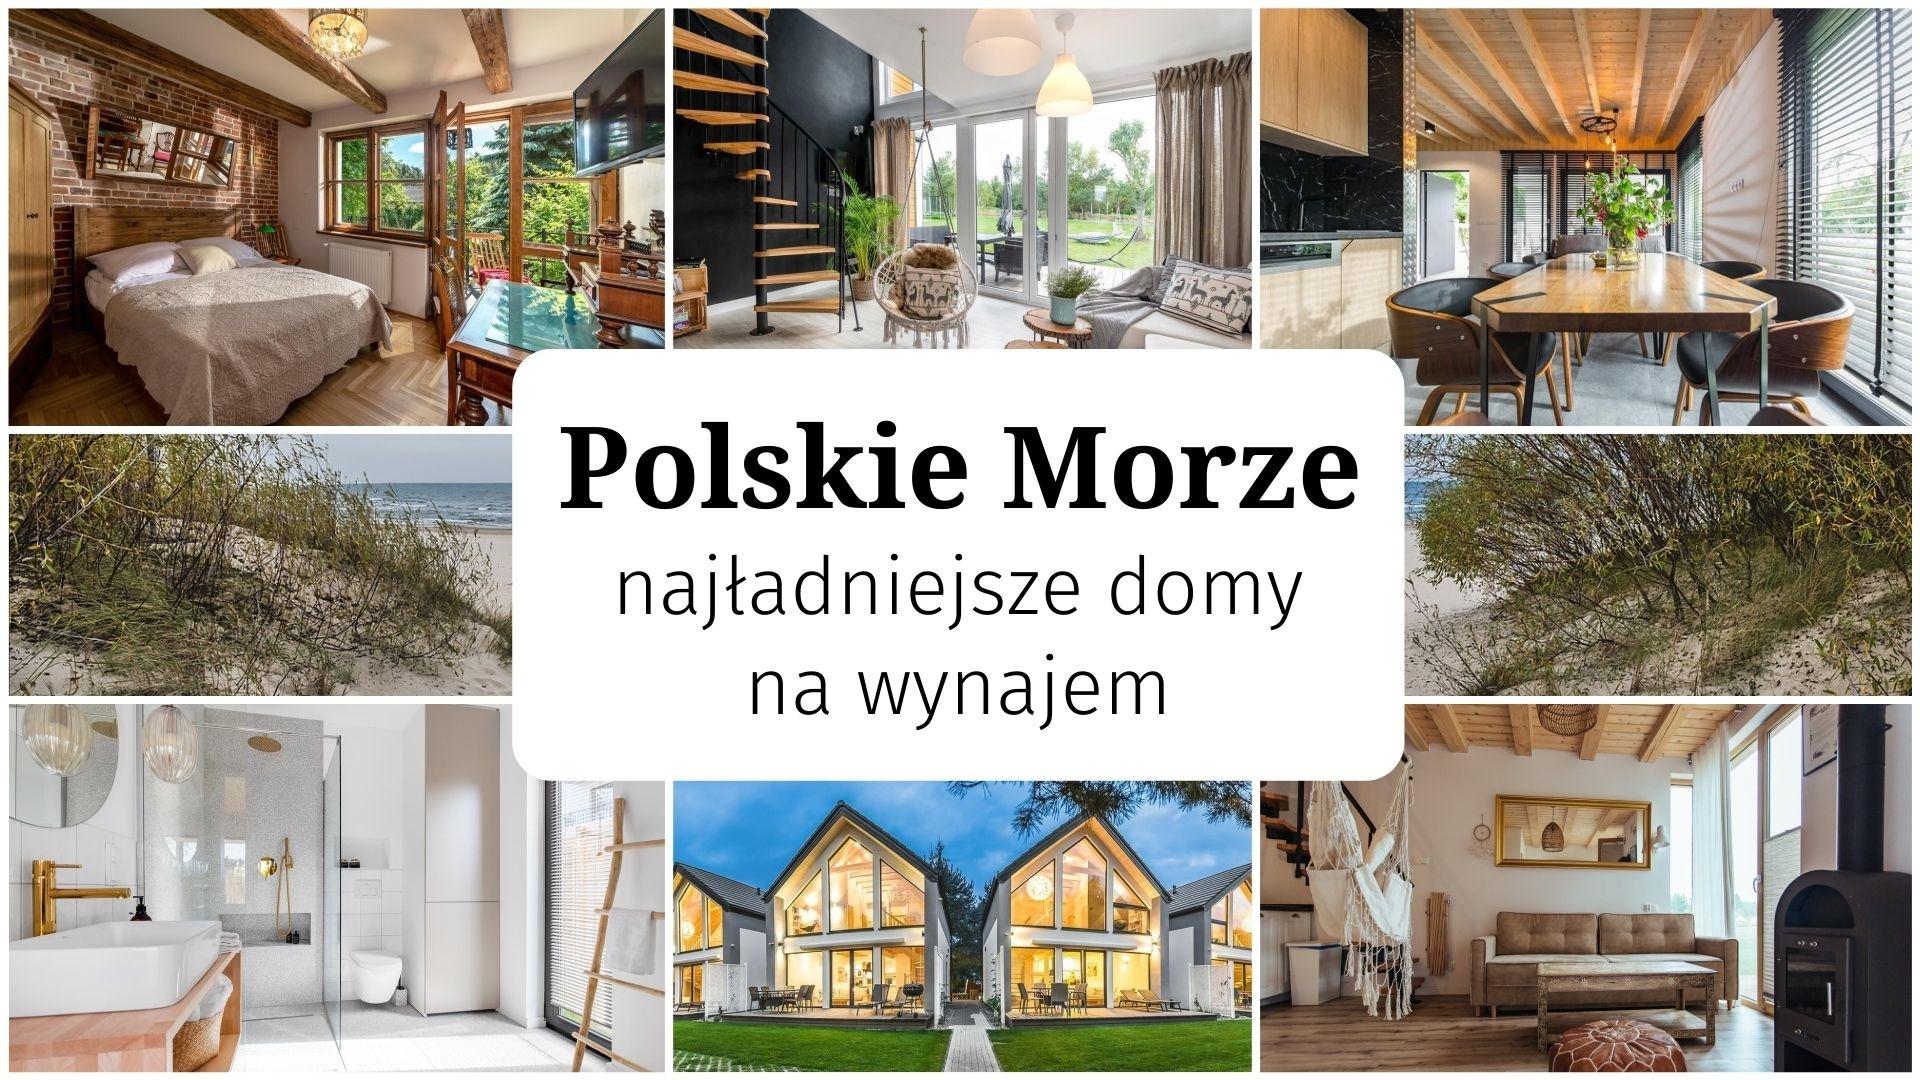 Polskie Morze: najładniejsze domy na wynajem